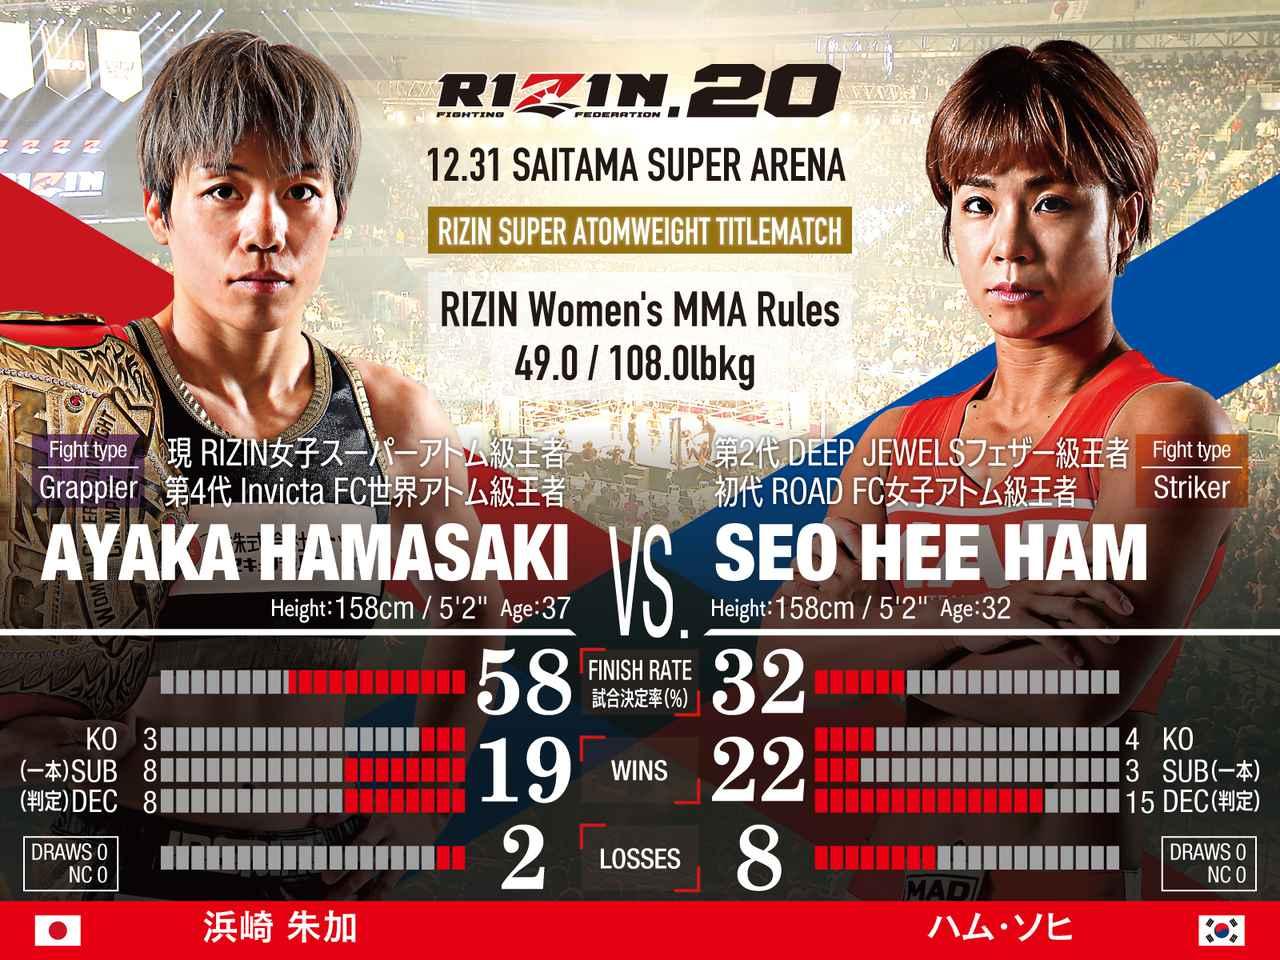 画像: 第13試合/女子スーパーアトム級タイトルマッチ 浜崎朱加 vs. ハム・ソヒ